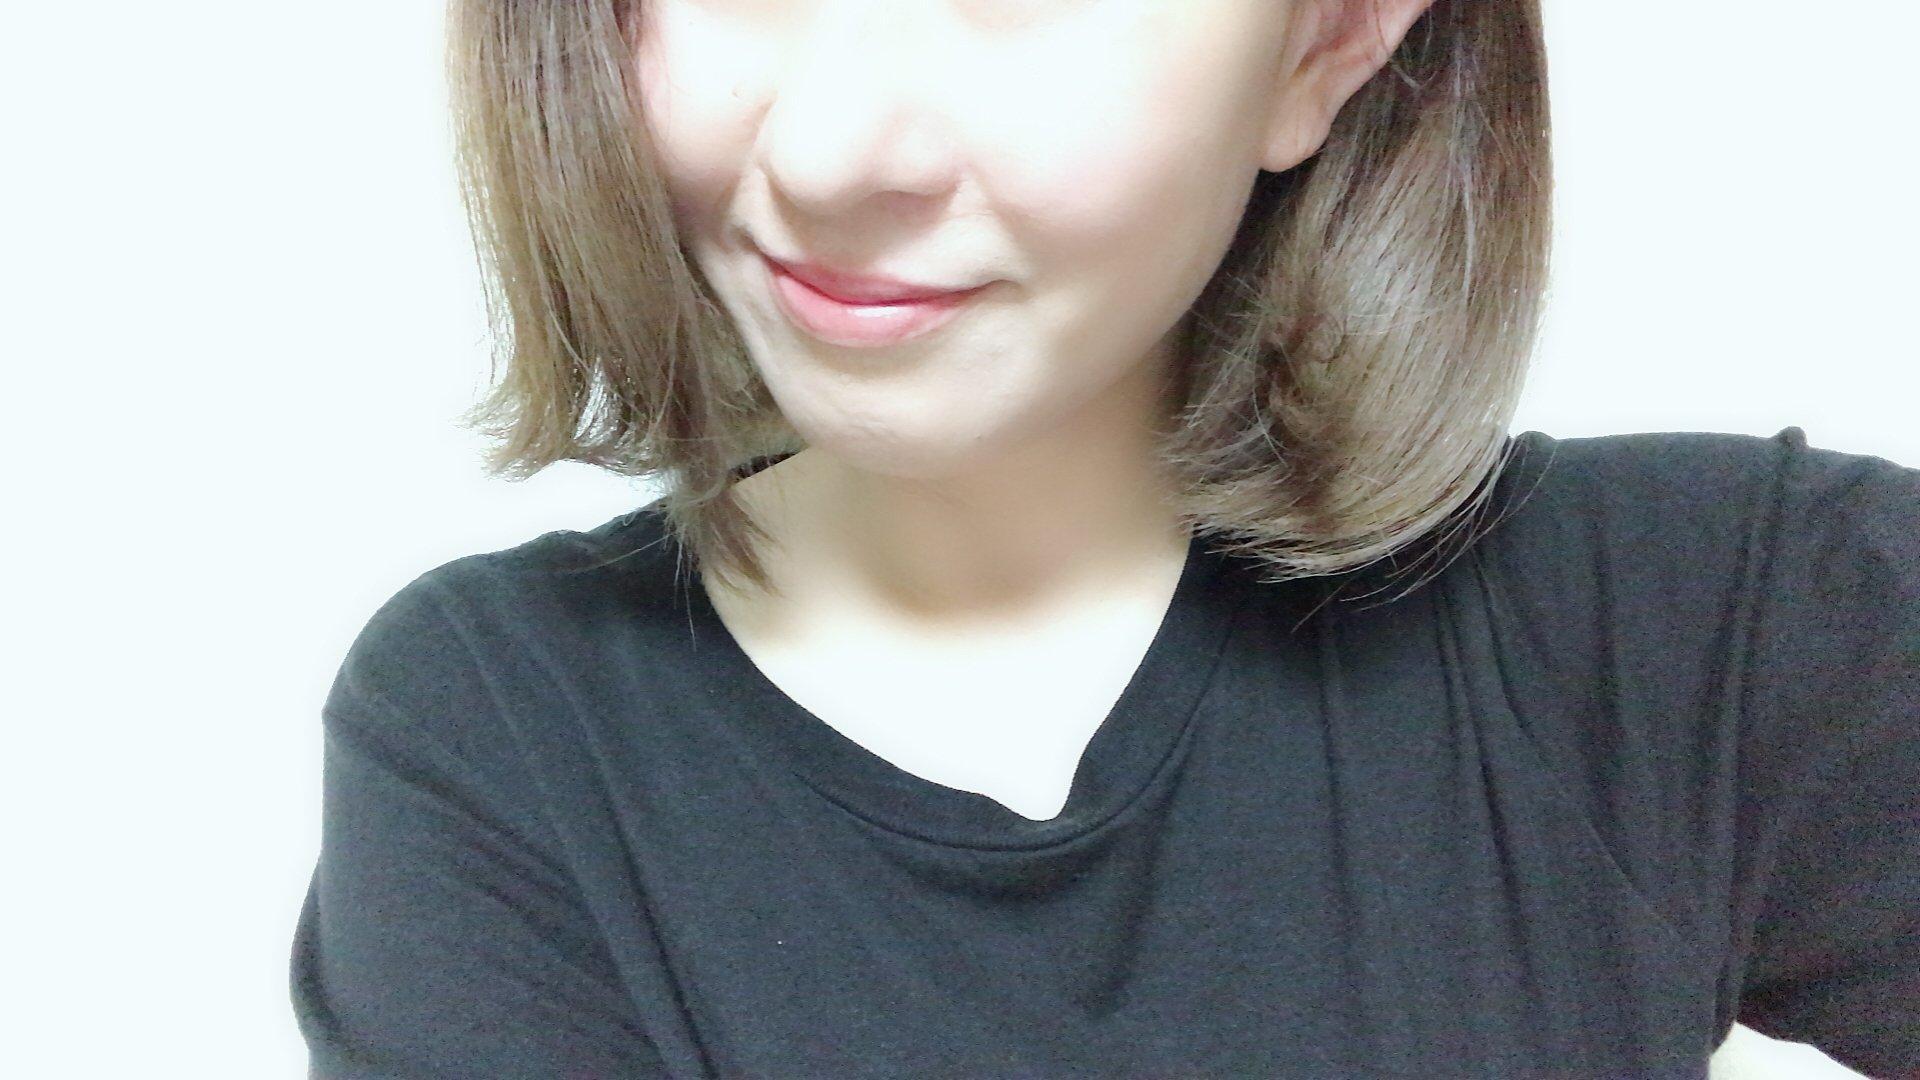 髪をバッサリ切りました( ´ ▽ ` )20センチほど、、笑雰囲気変わ…